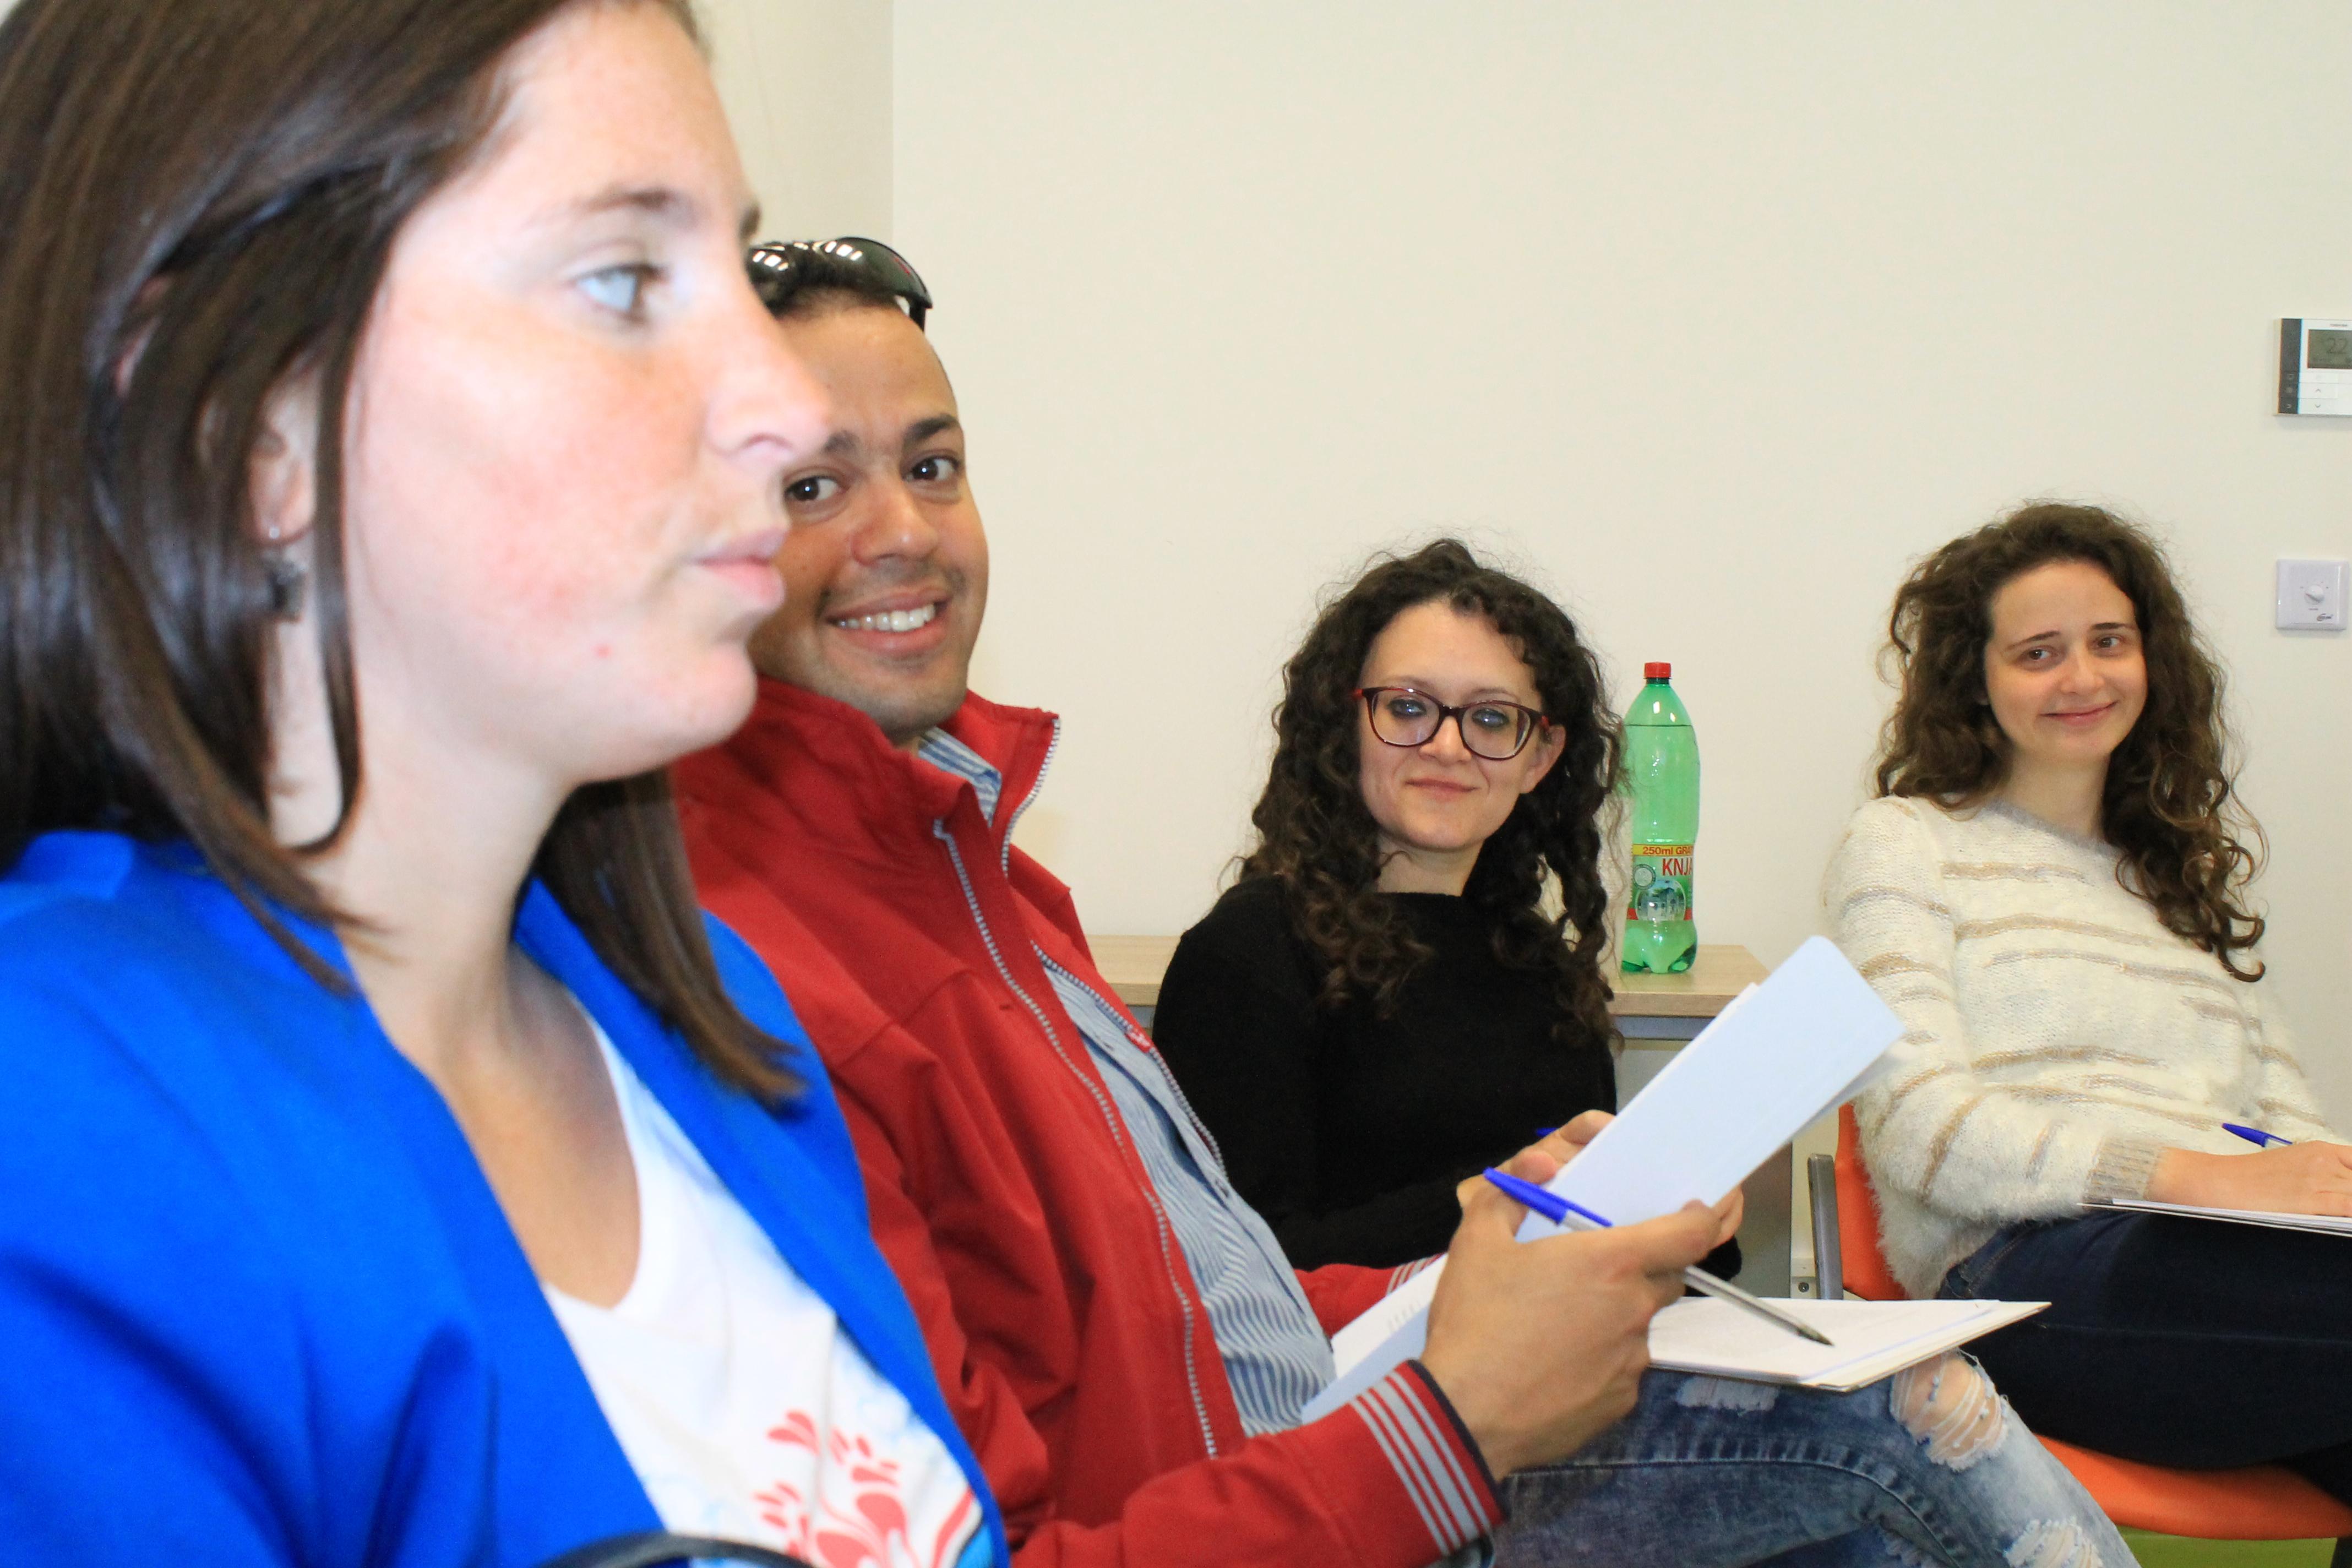 NGO Atina, Arsis, La strada, unaccompanied minors